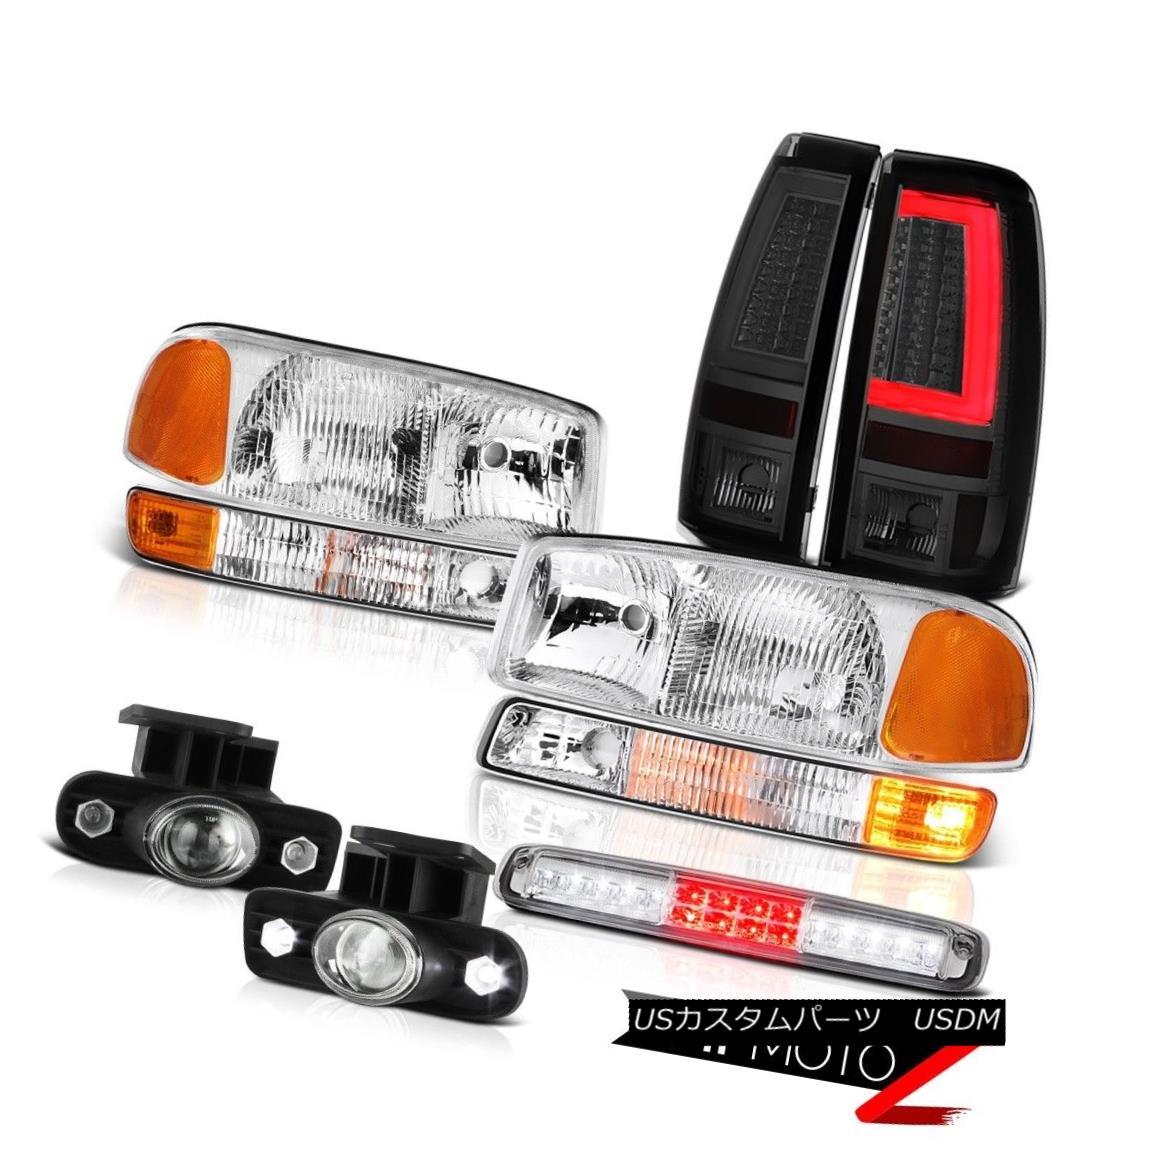 テールライト 1999-2002 Sierra SL Chrome Headlamps Corner Tail Lights Roof Cab Light Fog LED 1999-2002シエラSLクロームヘッドランプコーナーテールライトルーフキャブライトフォグLED